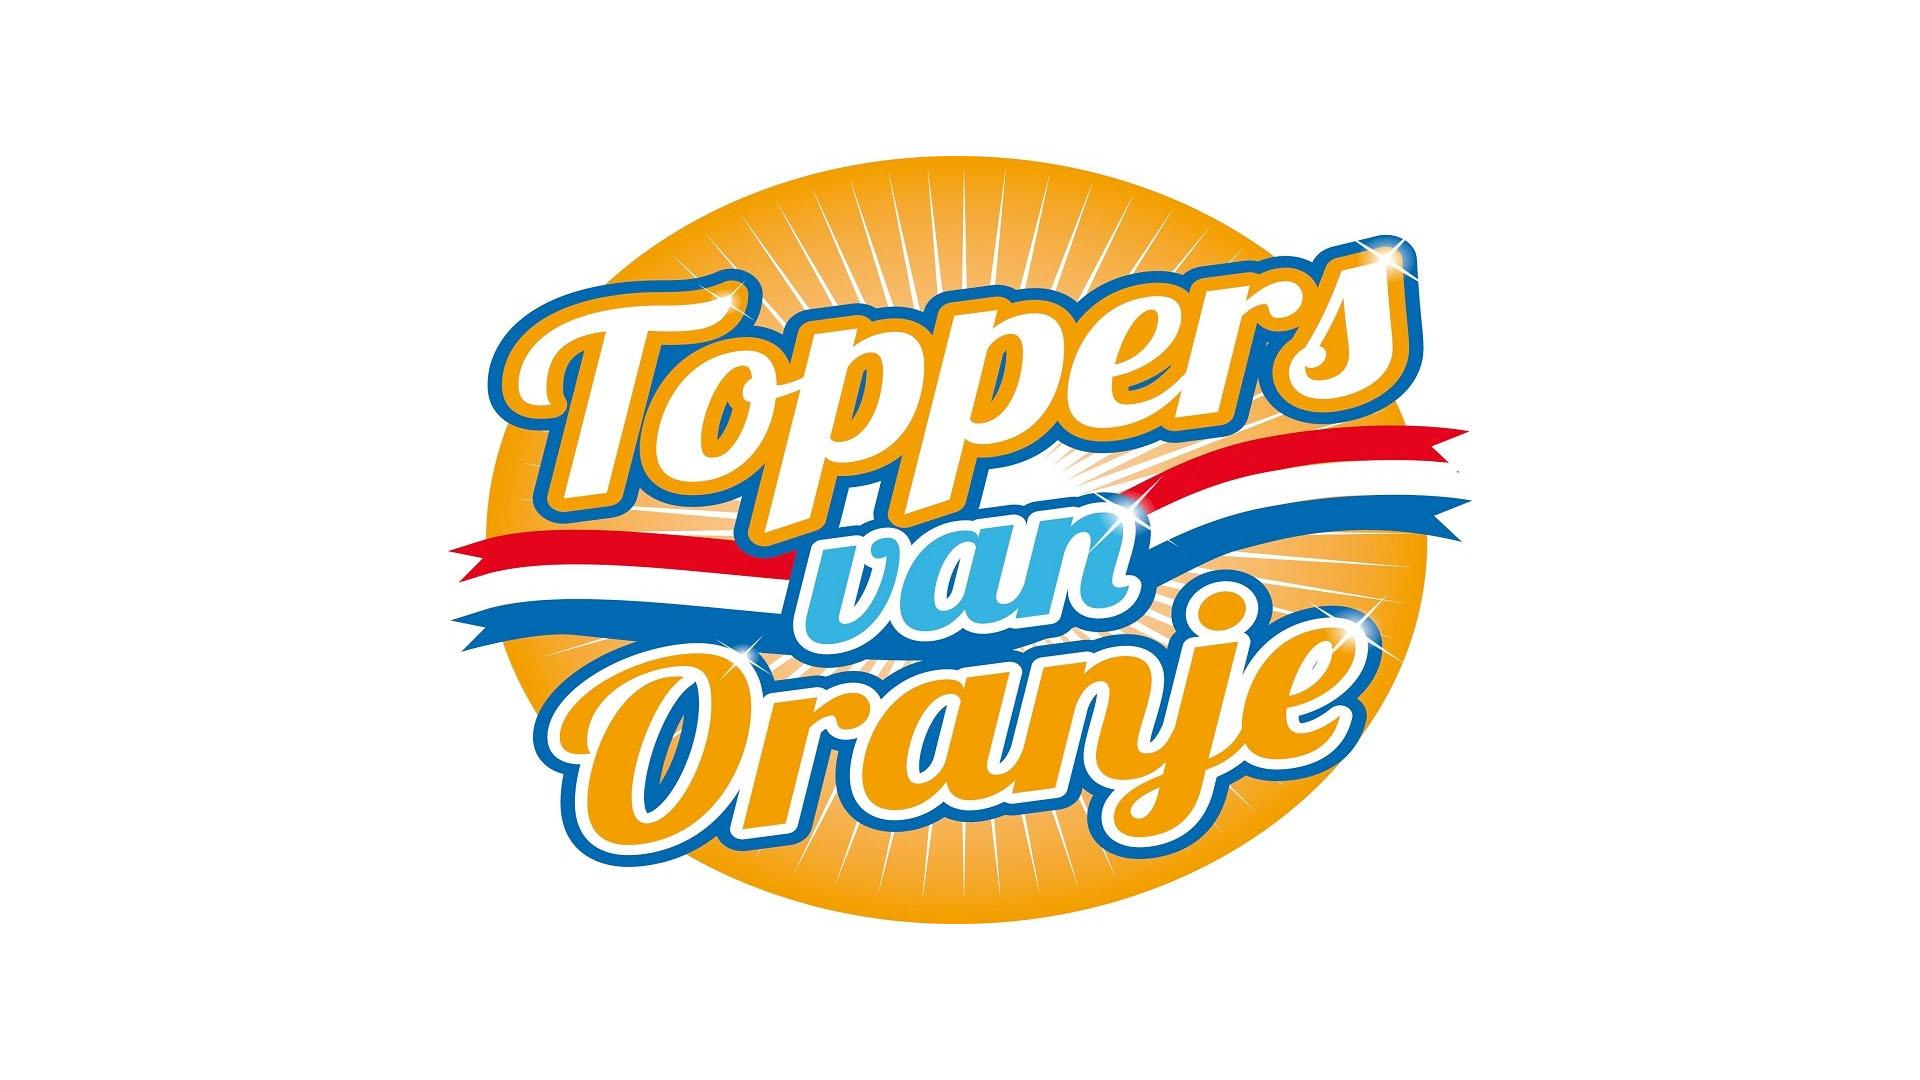 23 augustus Toppers van Oranje Harderwijk